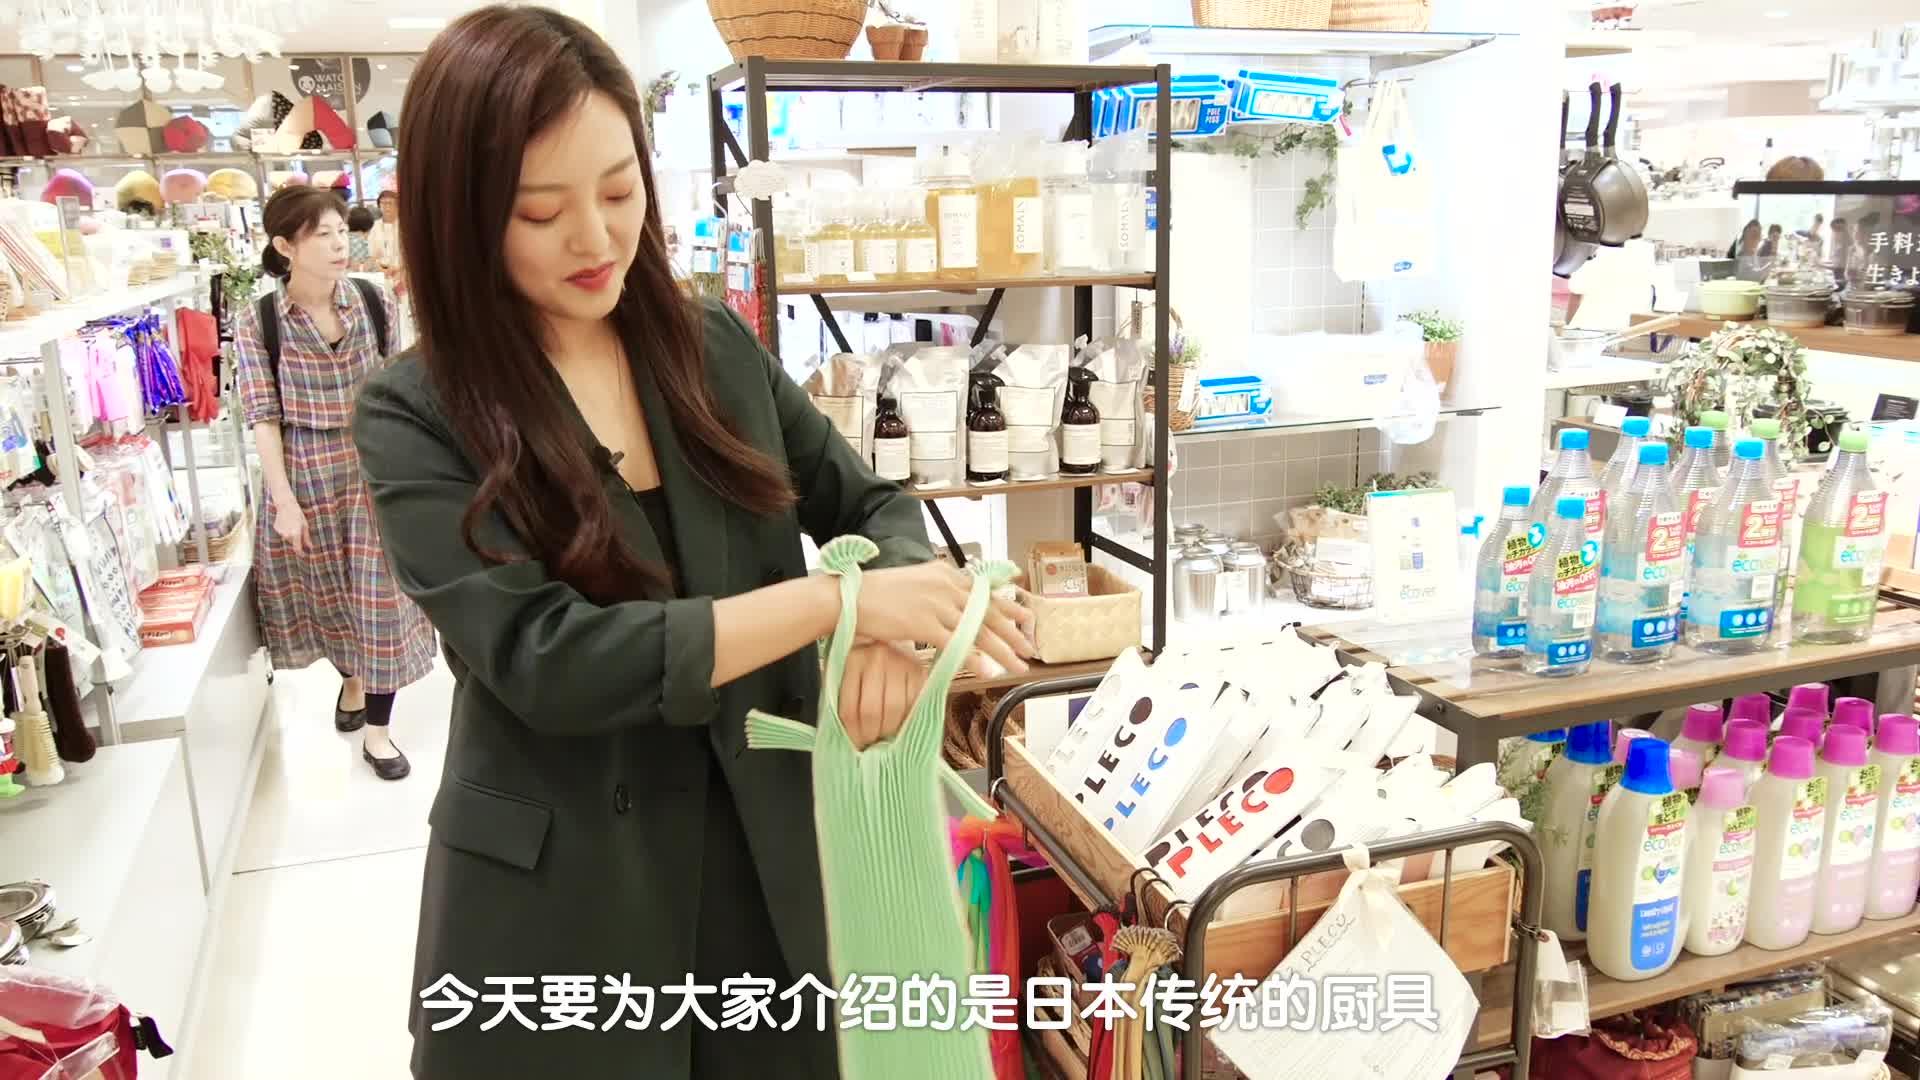 日本商场那些超精致又实用的厨房用品!非常值得买哦!